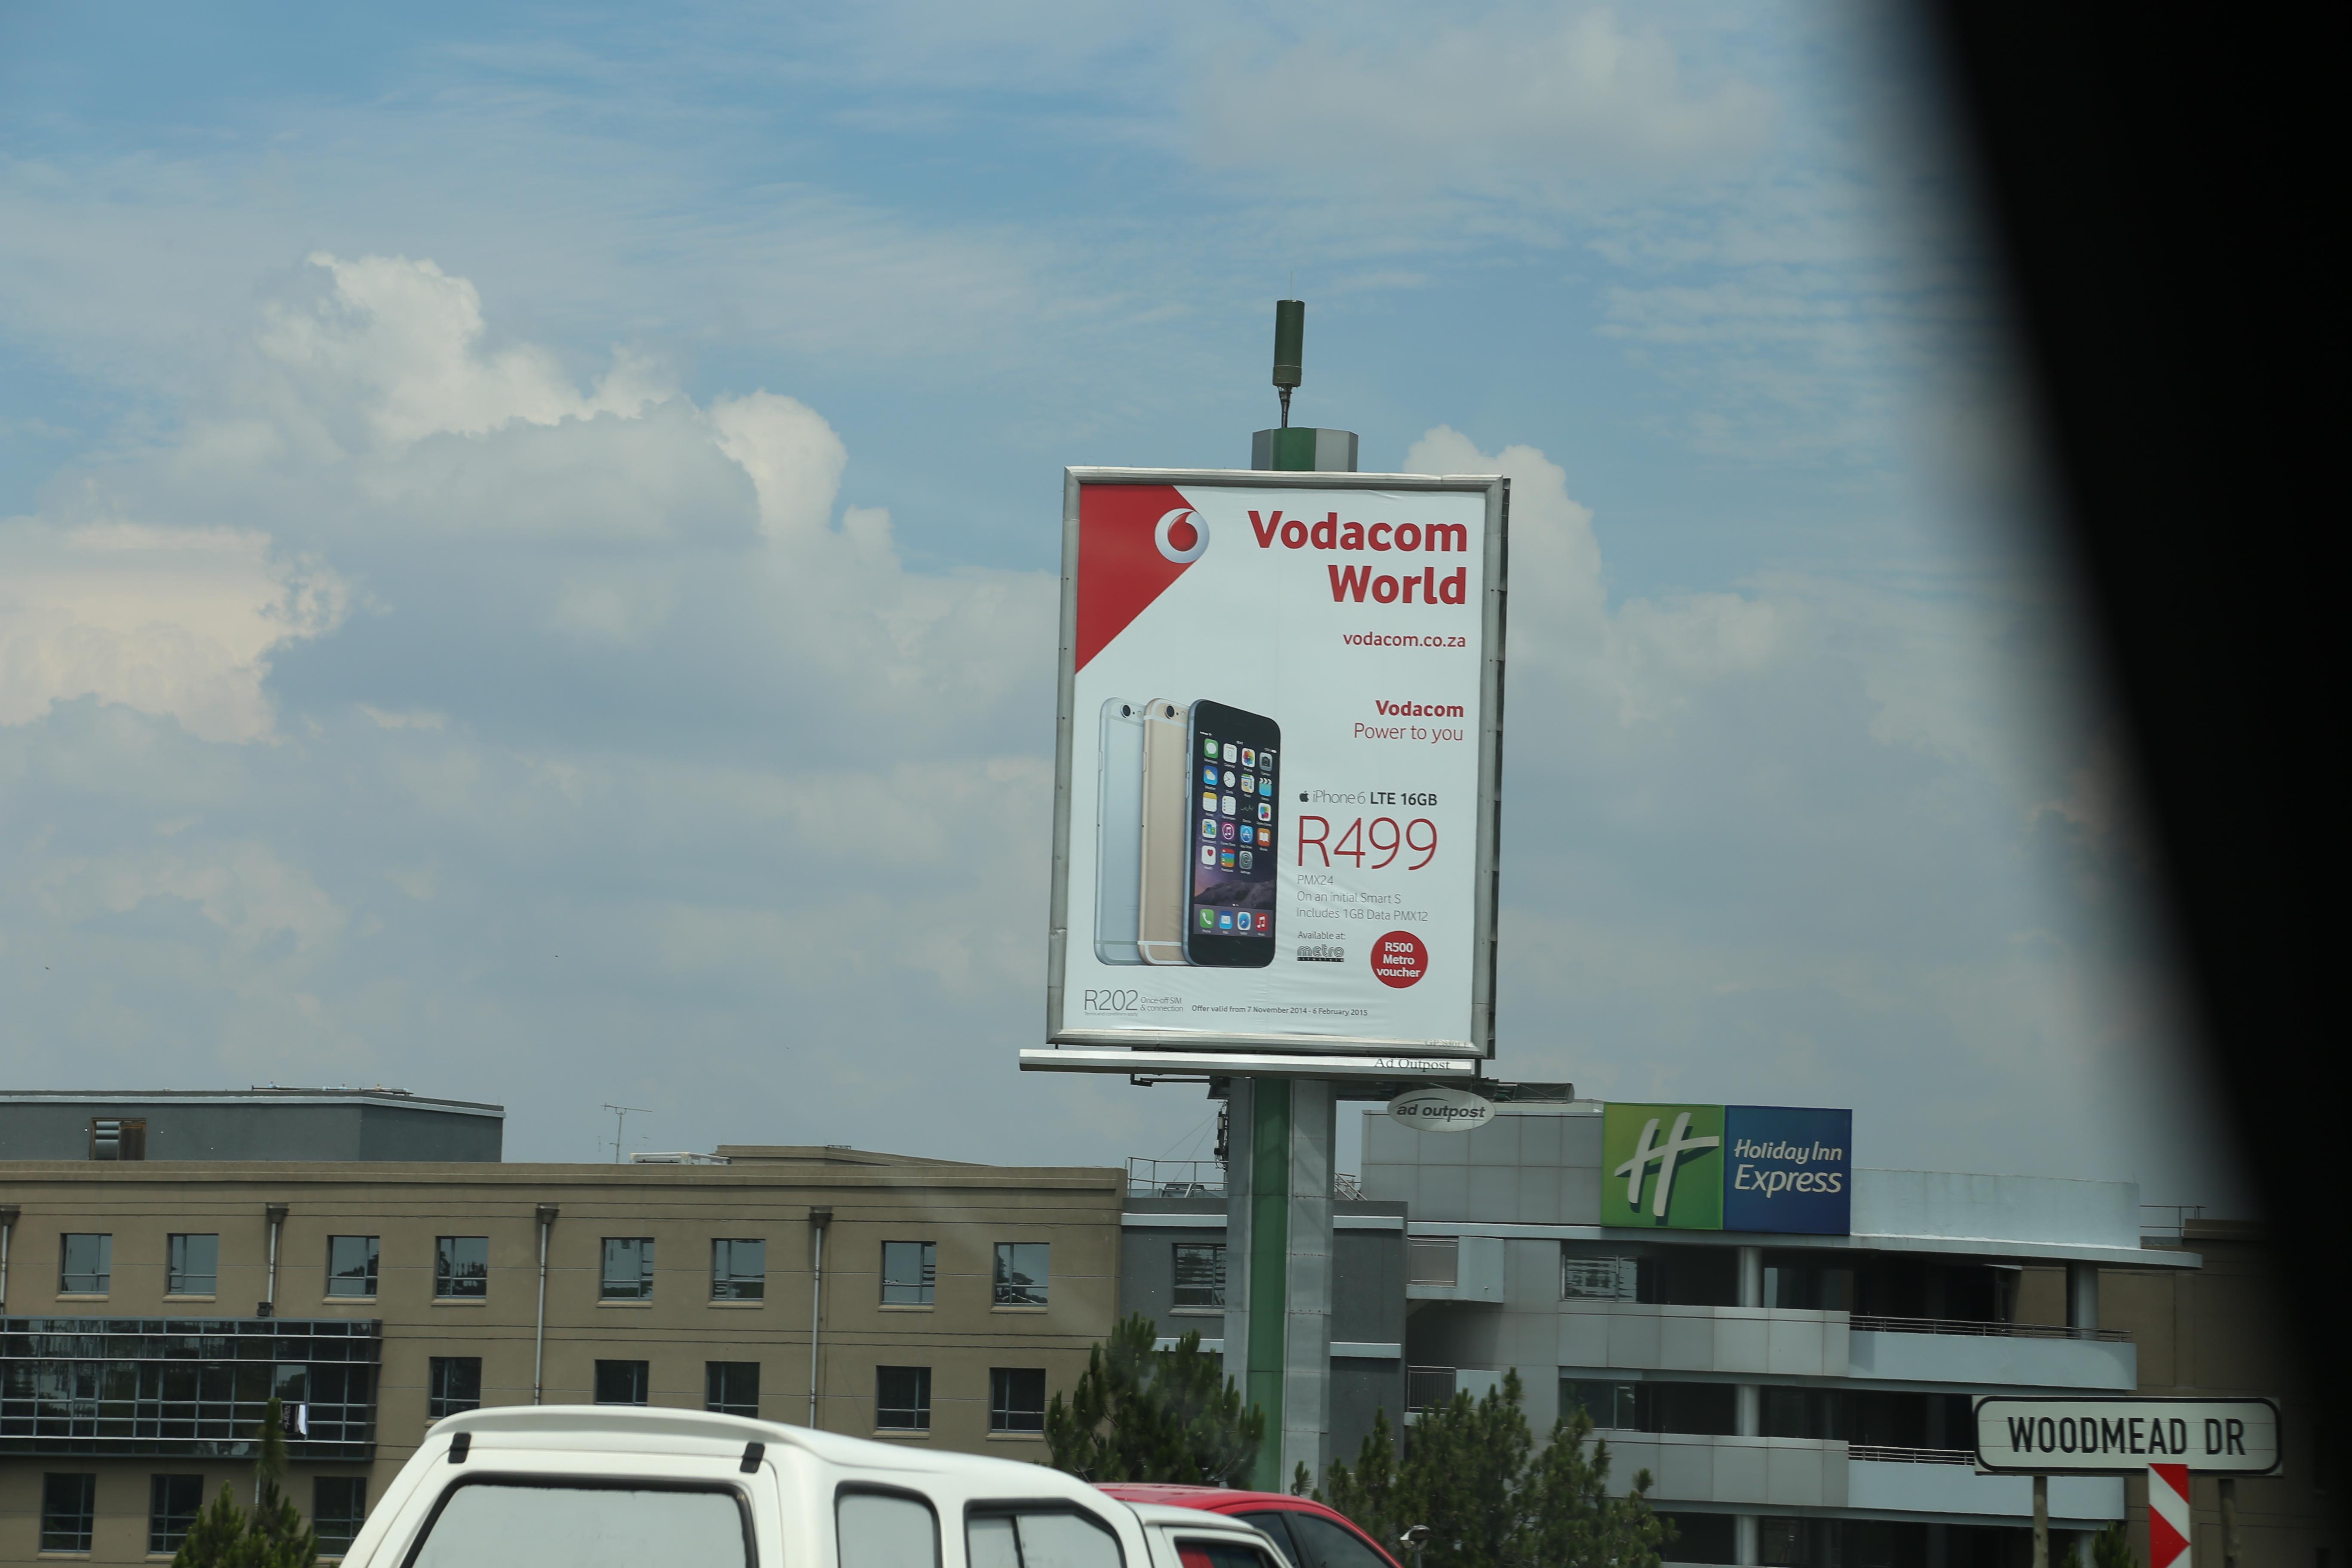 Vodacom World